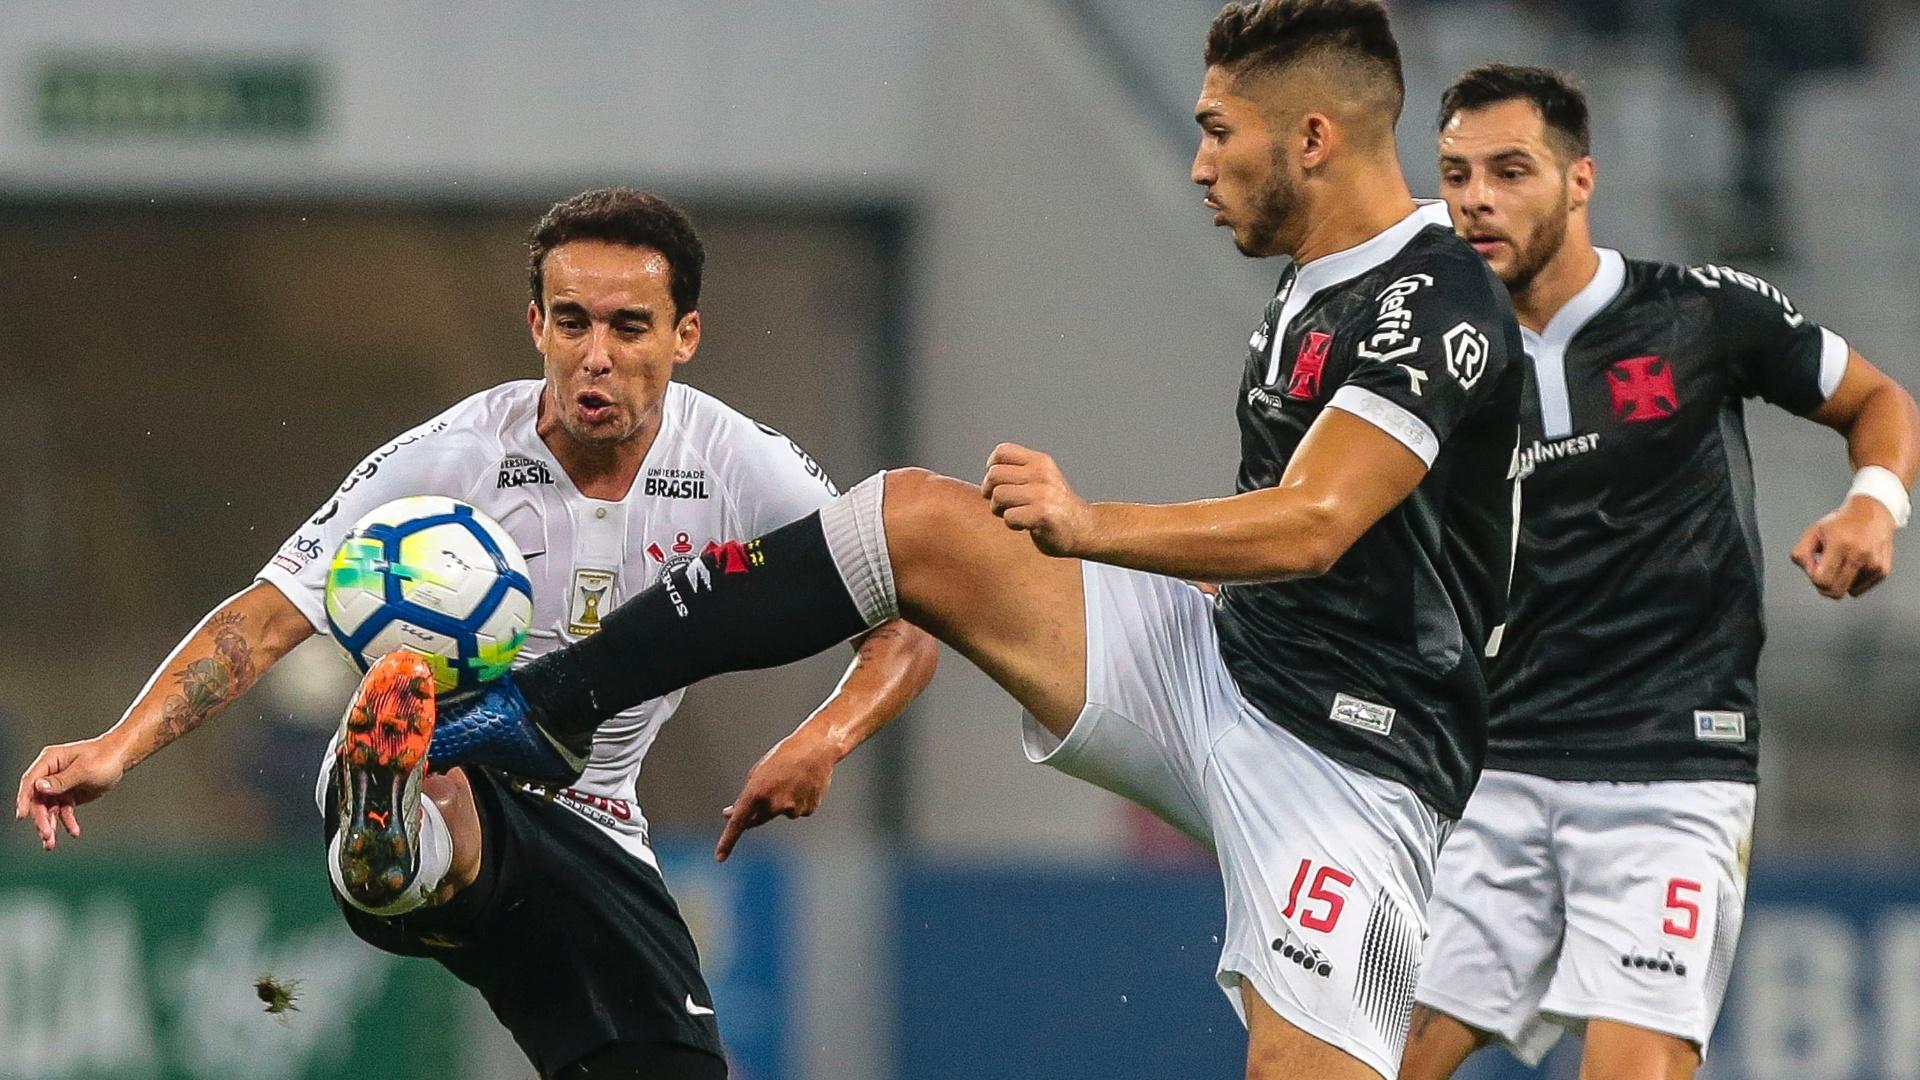 Jadson disputa bola com Andrey durante Corinthians x Vasco na Arena